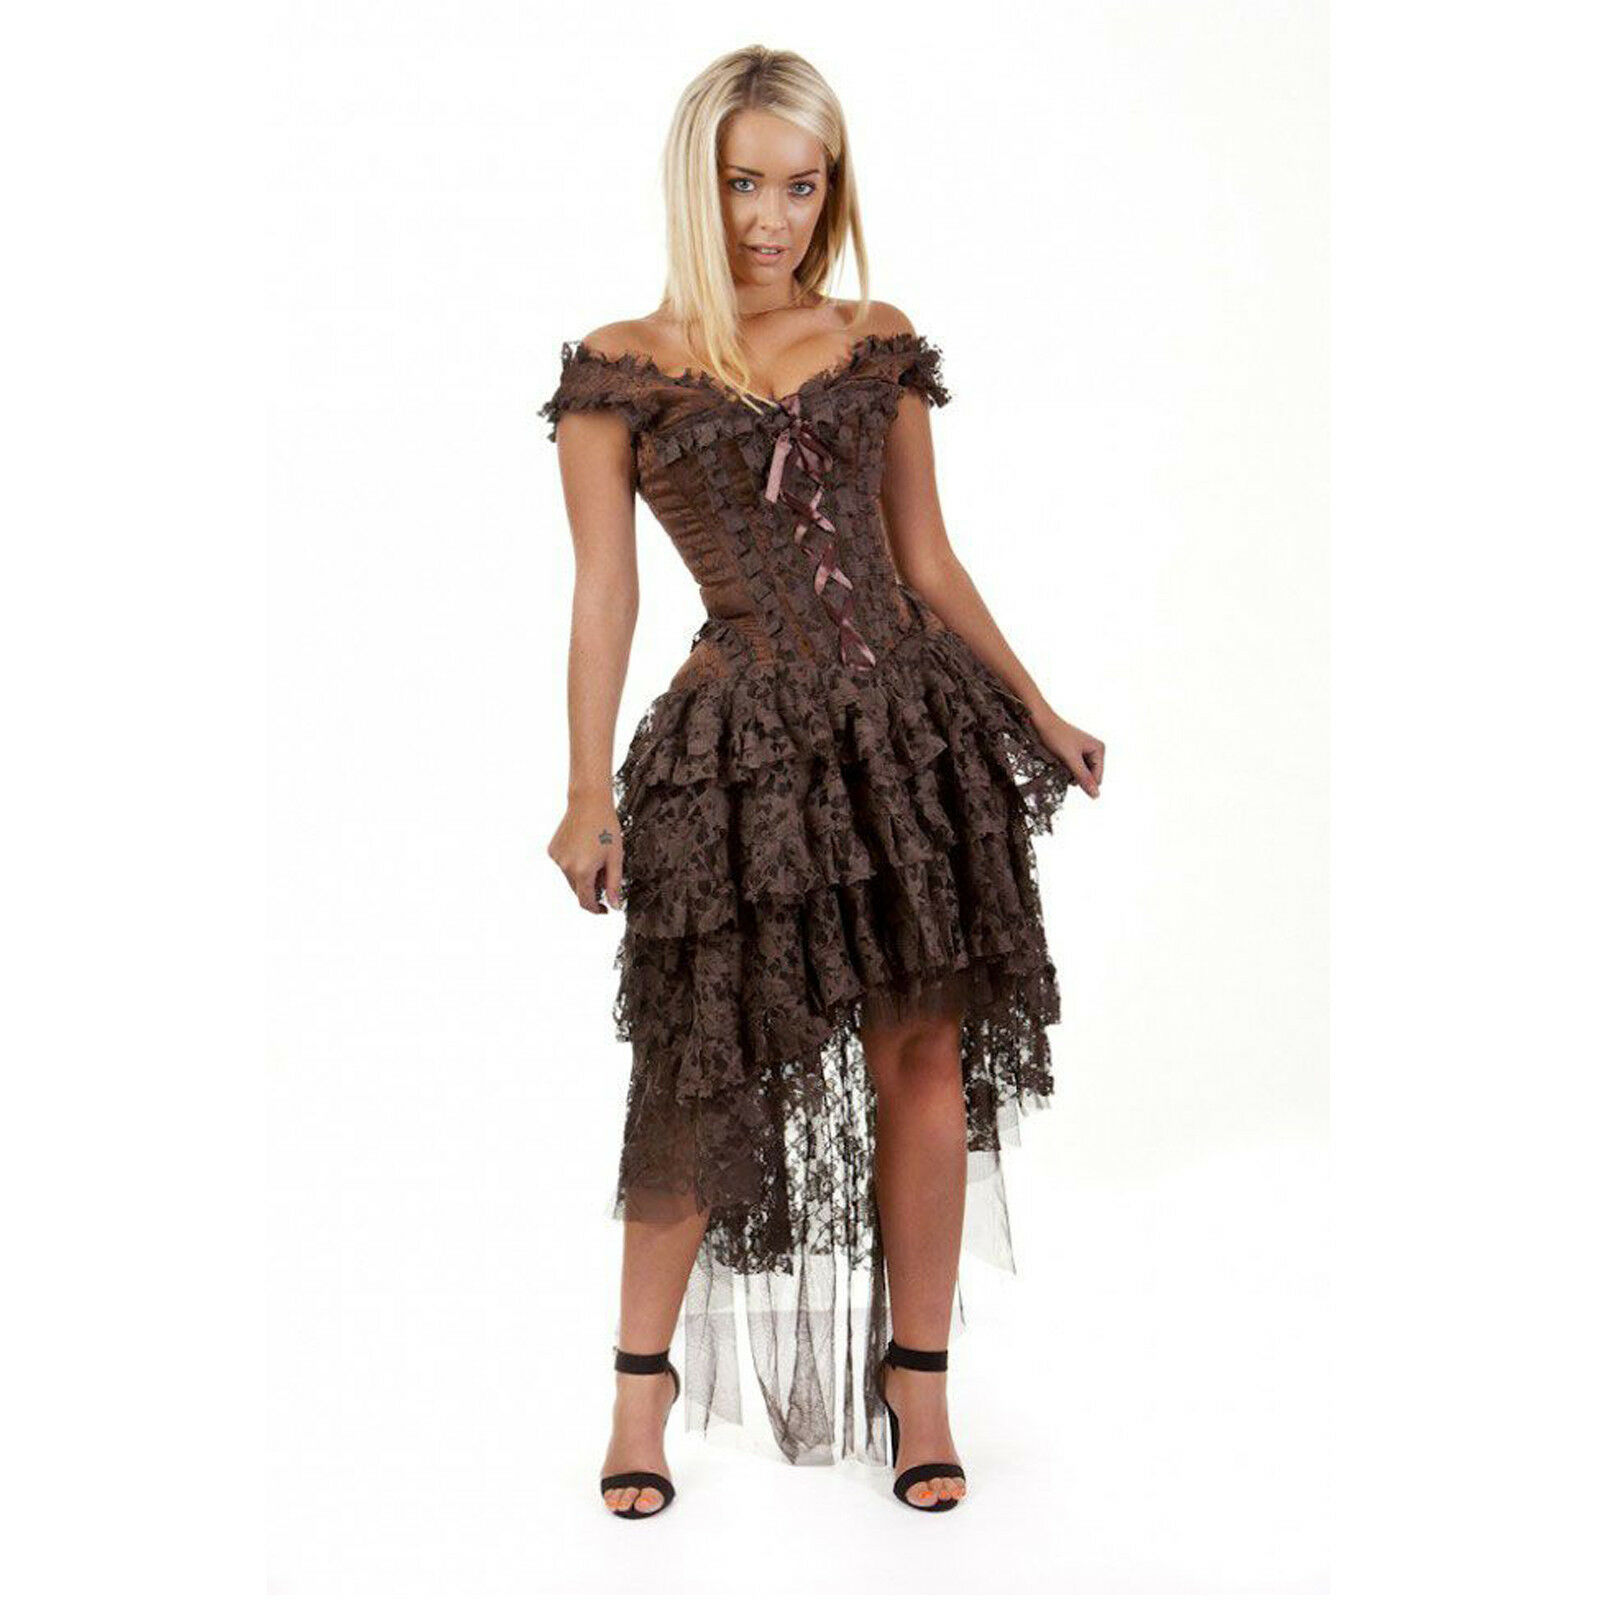 Vestido Steampunk en Marrón Brocade y  encaje por Burleska  artículos novedosos